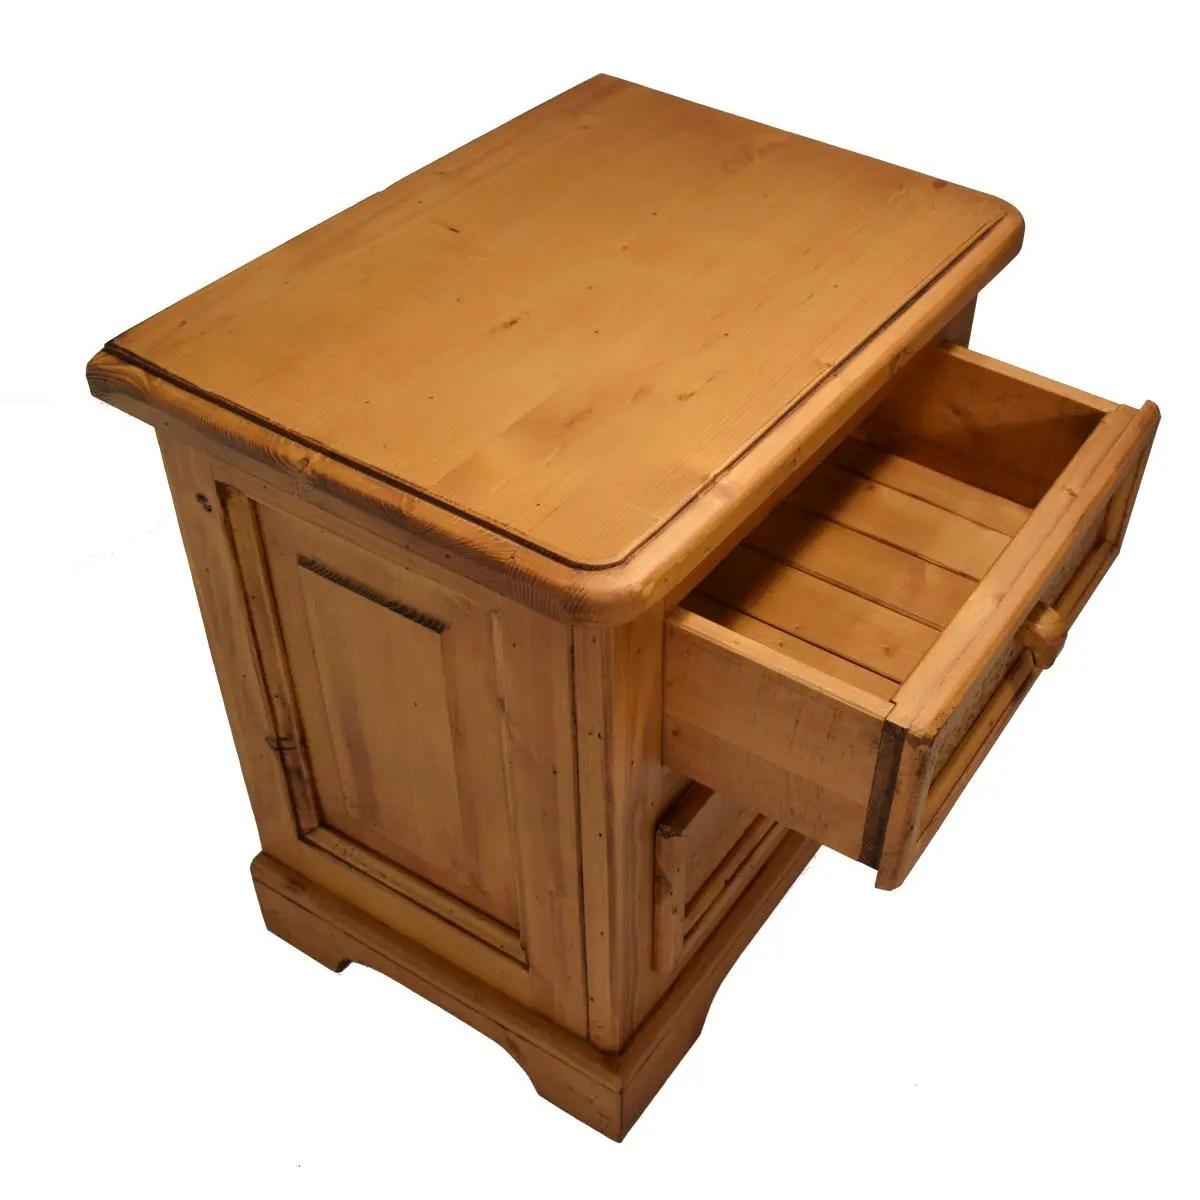 Mesita de noche rstica dos cajones Ecorstico venta online de muebles de madera